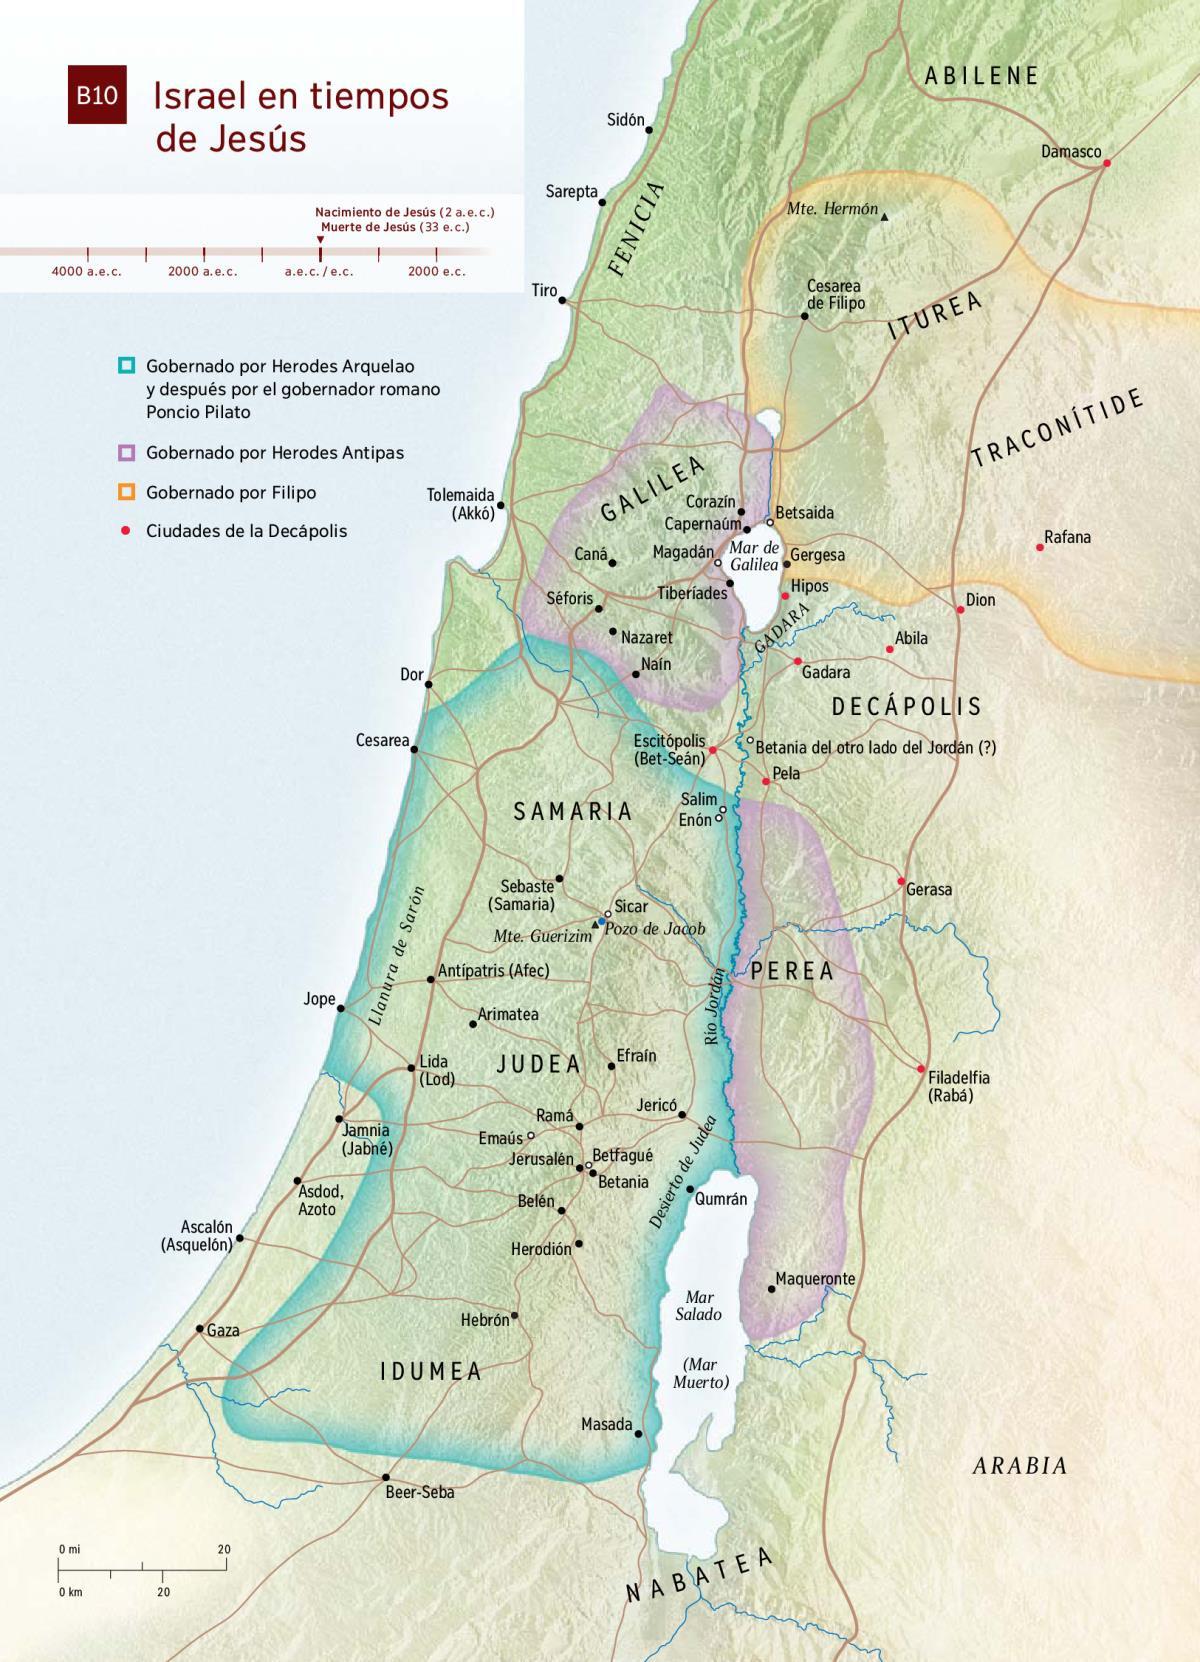 Mapa Israel En Tiempos De Jesús Tnm